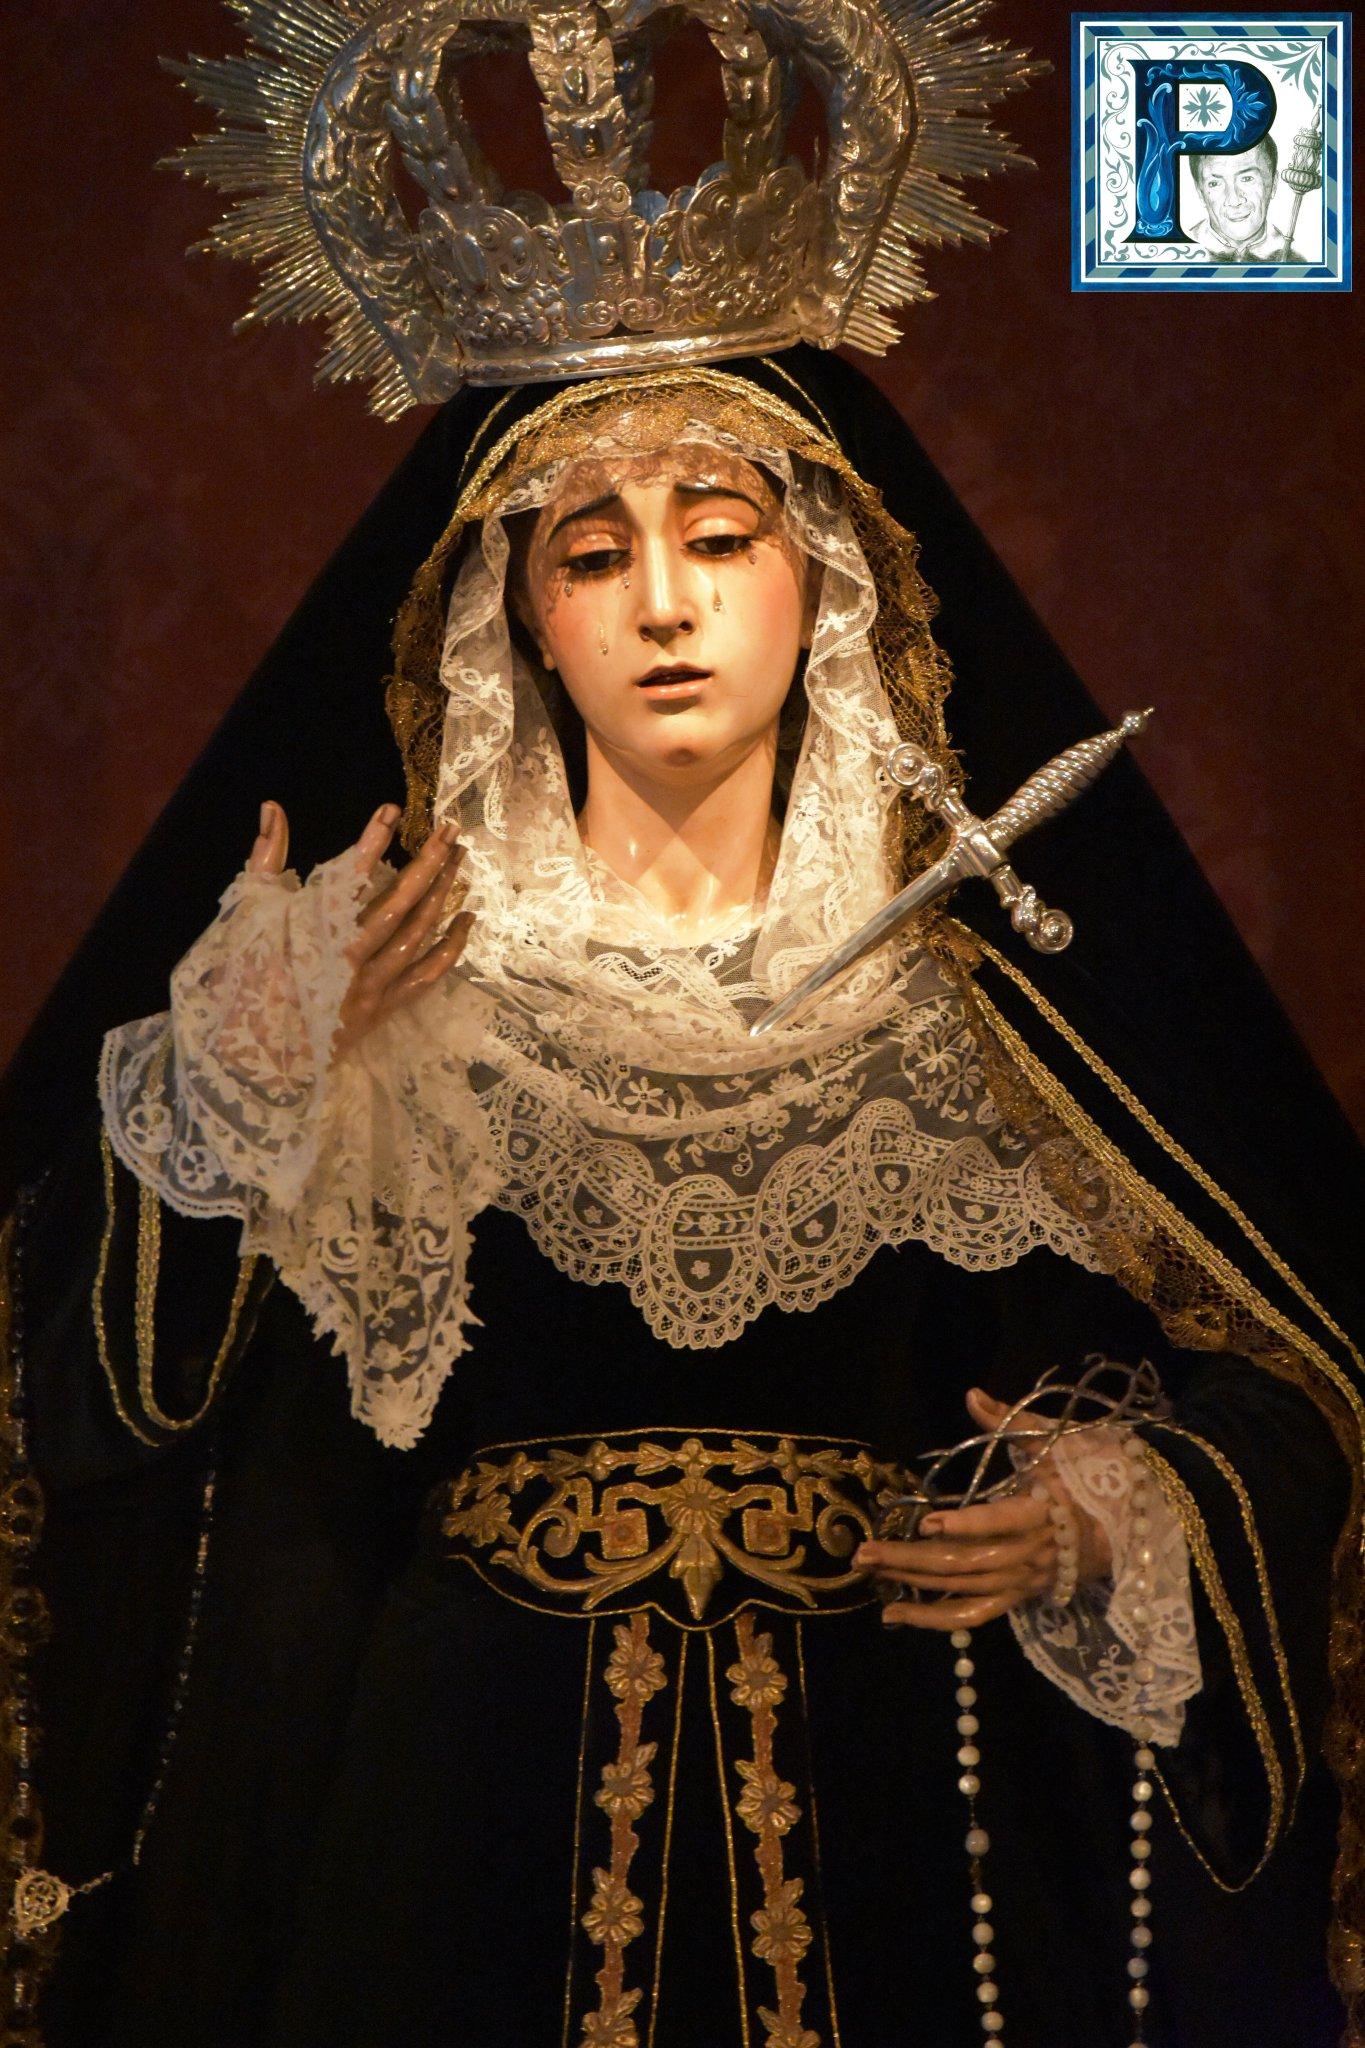 La Virgen de las Lágrimas estará en Solemne Besamanos en la festividad de la Inmaculada Concepción